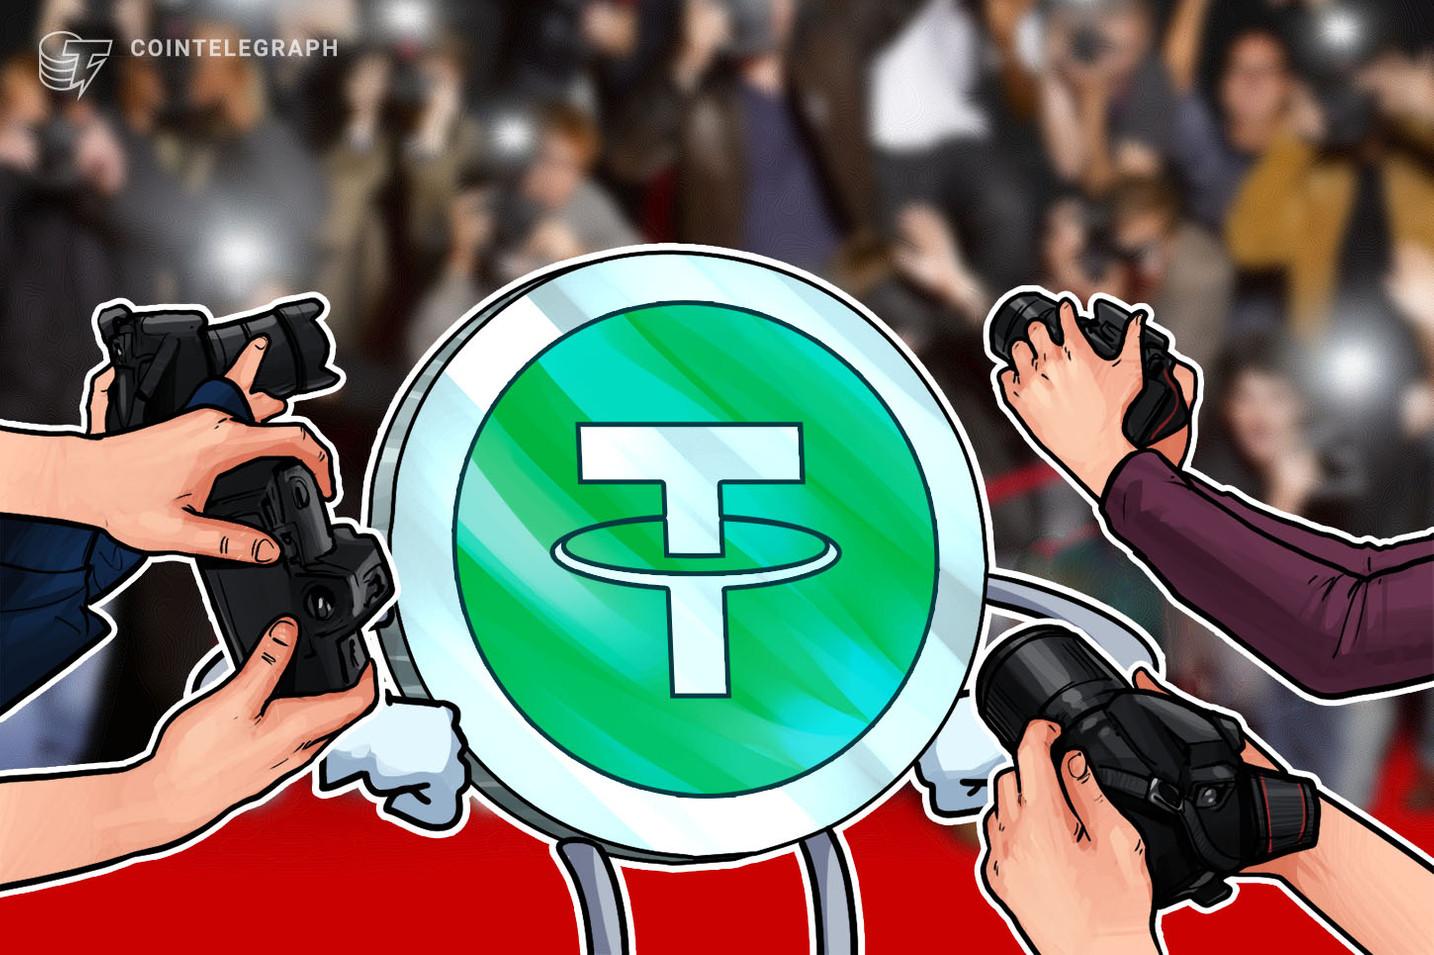 Tether responde a la noticia de que está utilizando las reservas para realizar inversiones y préstamos respaldados por criptomonedas